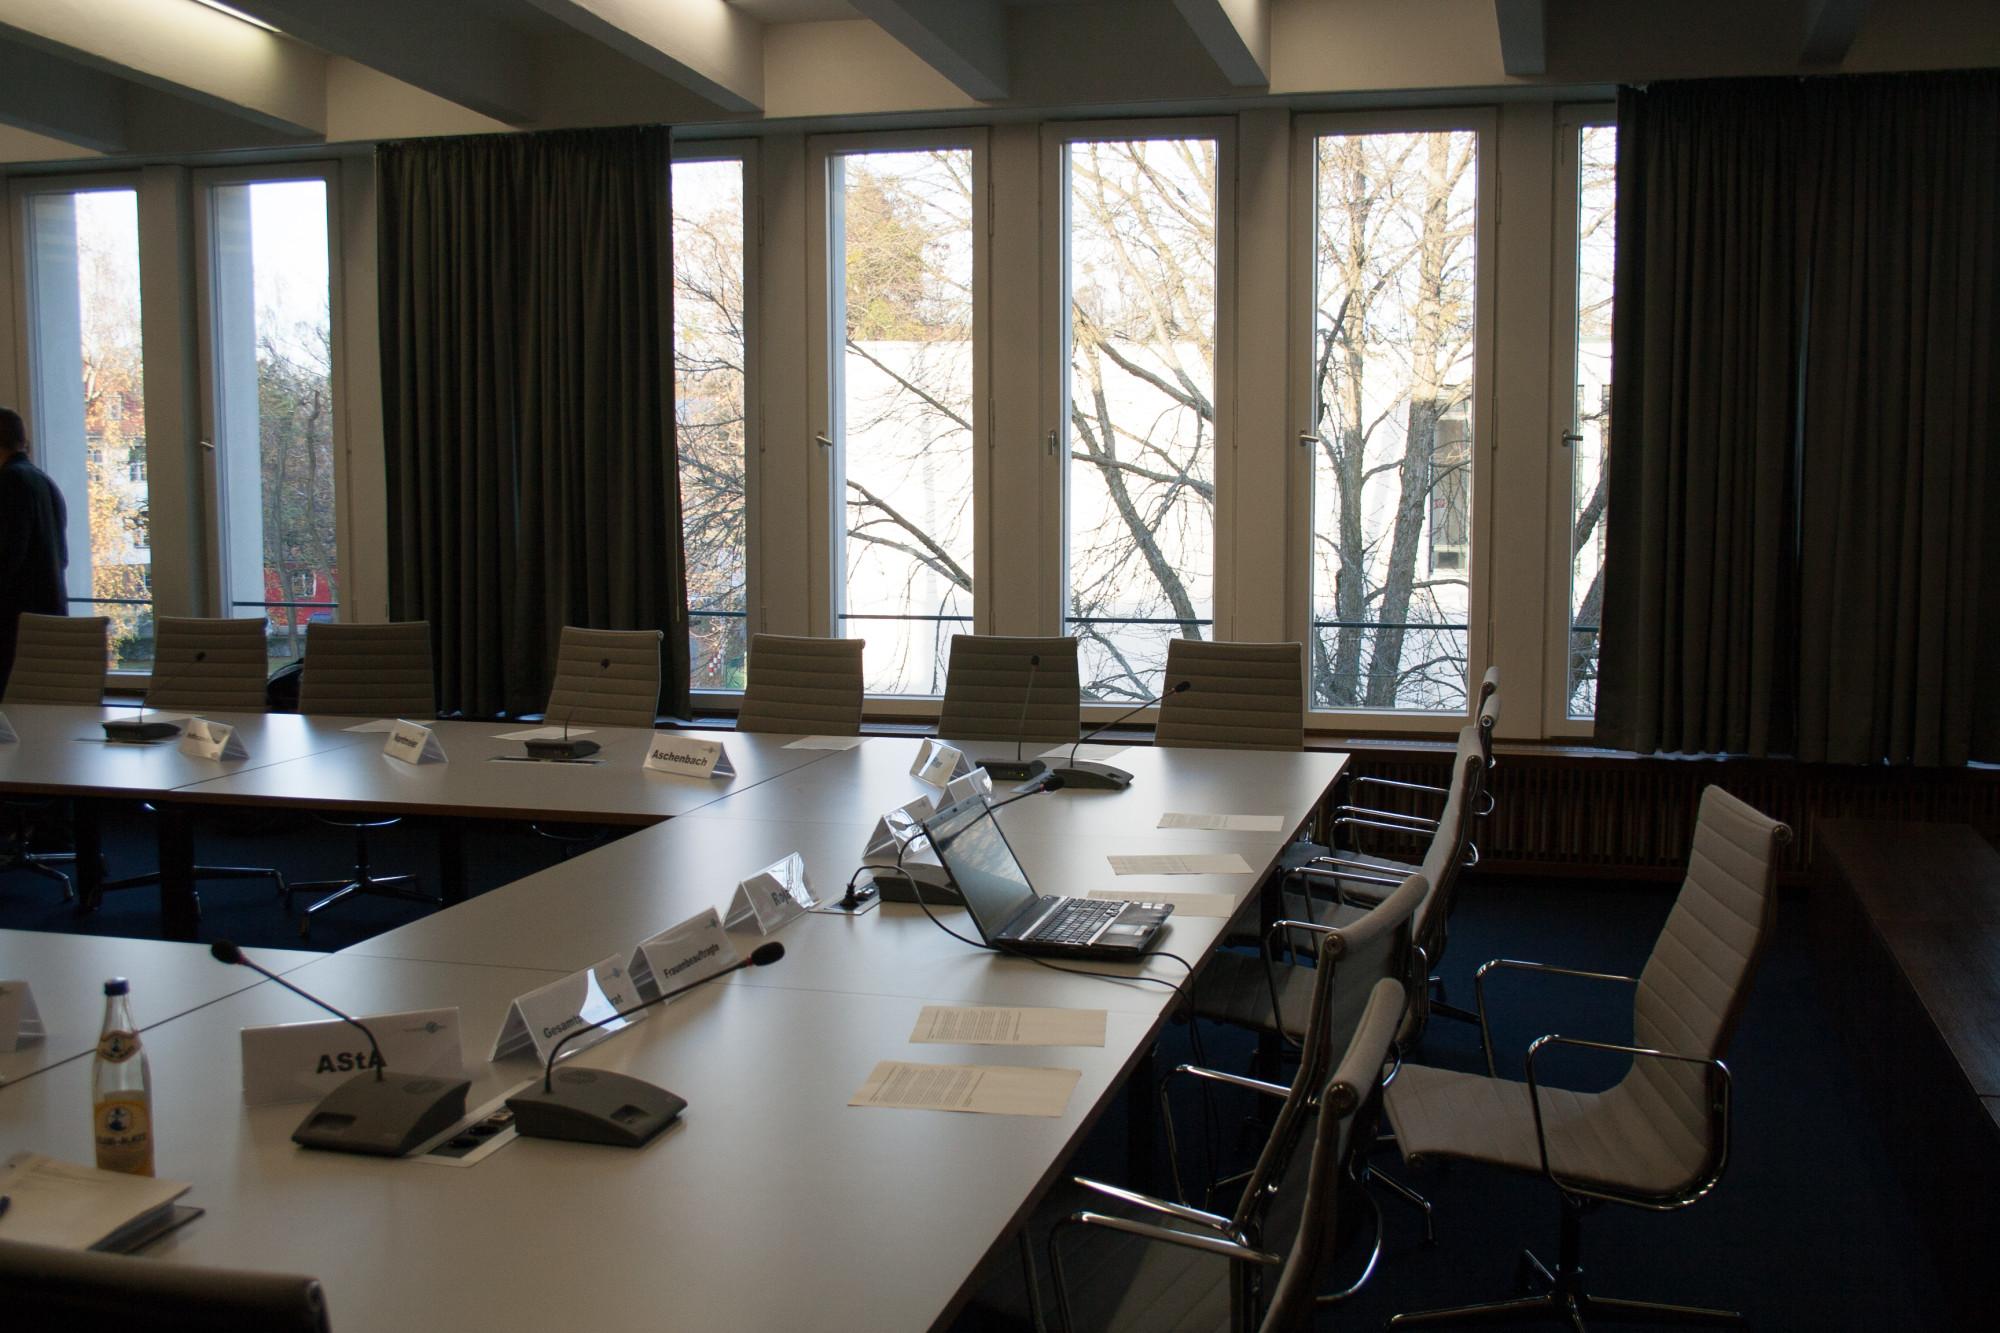 Der Akademische Senat hat einen neuen Struktuplan beschlossen. Foto: Julian Daum (Archiv)